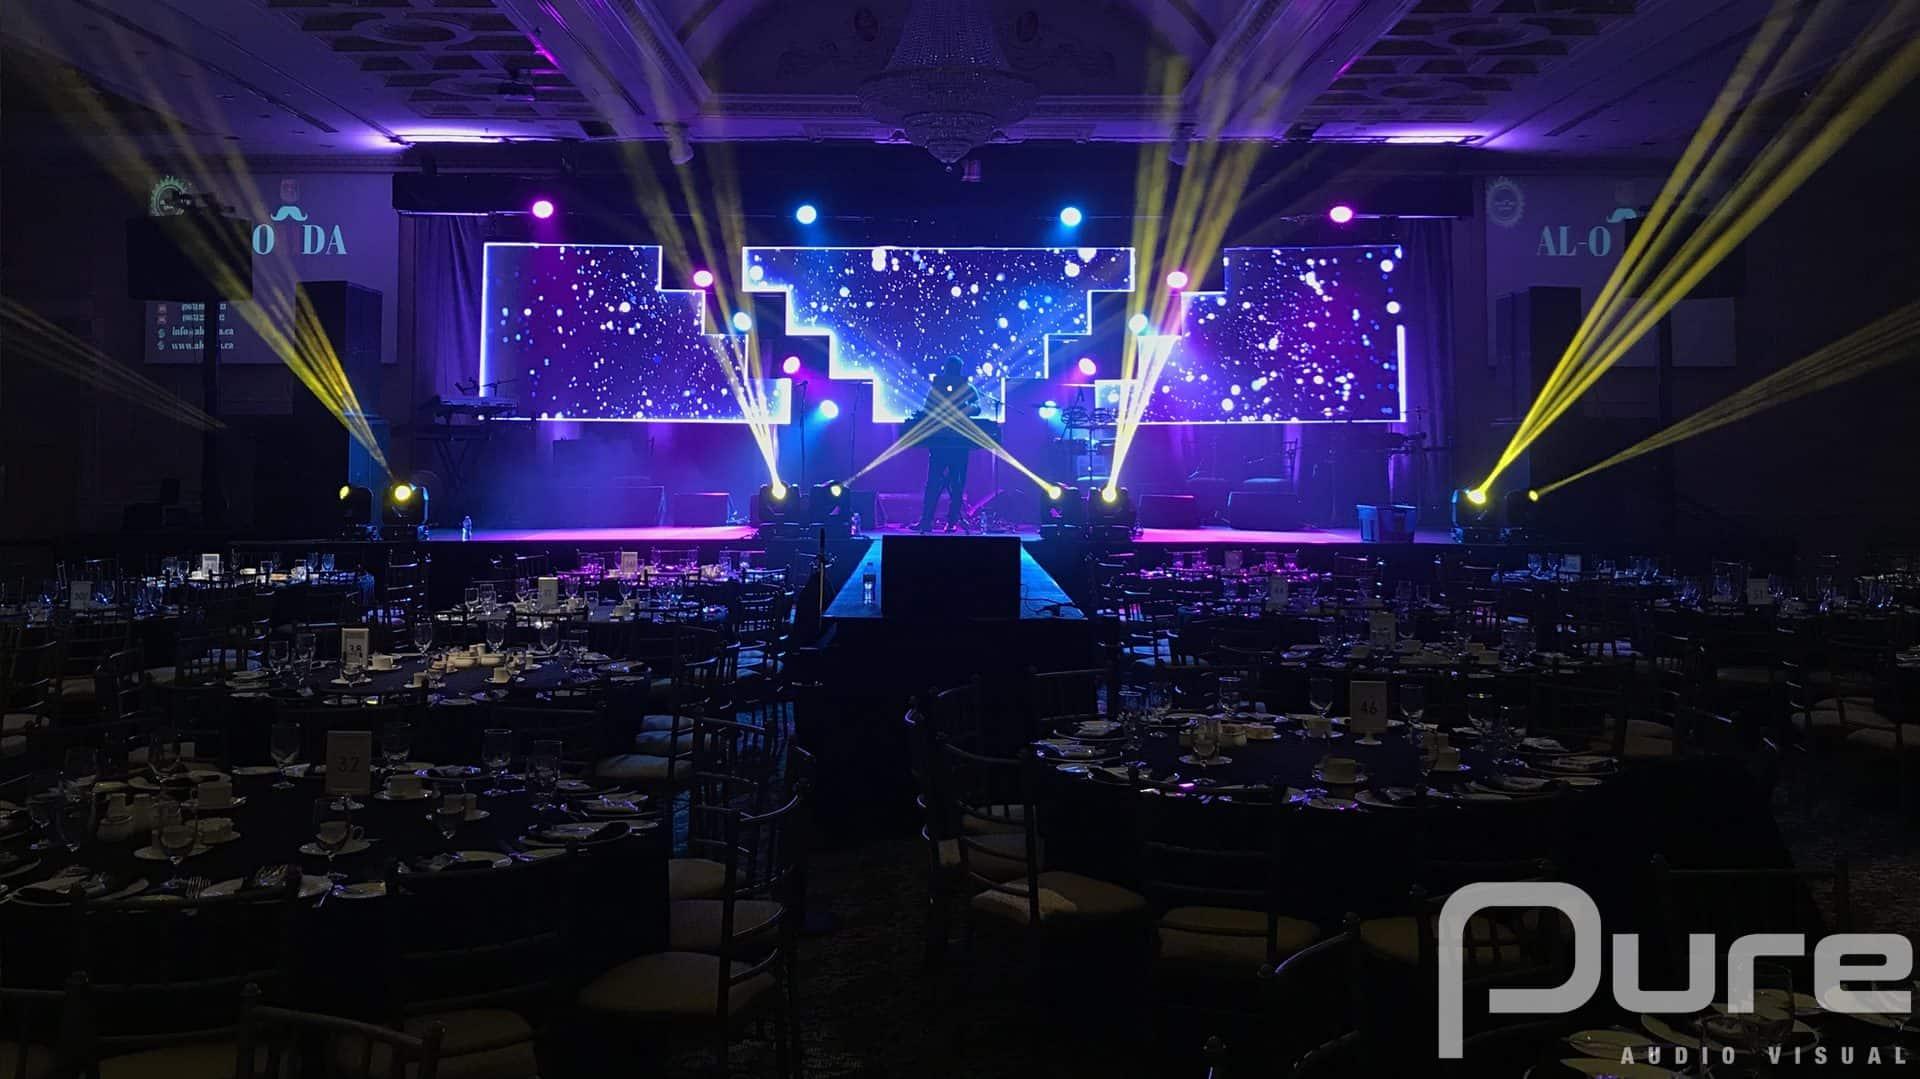 LEd video Wall. Lighting. AV Production Company